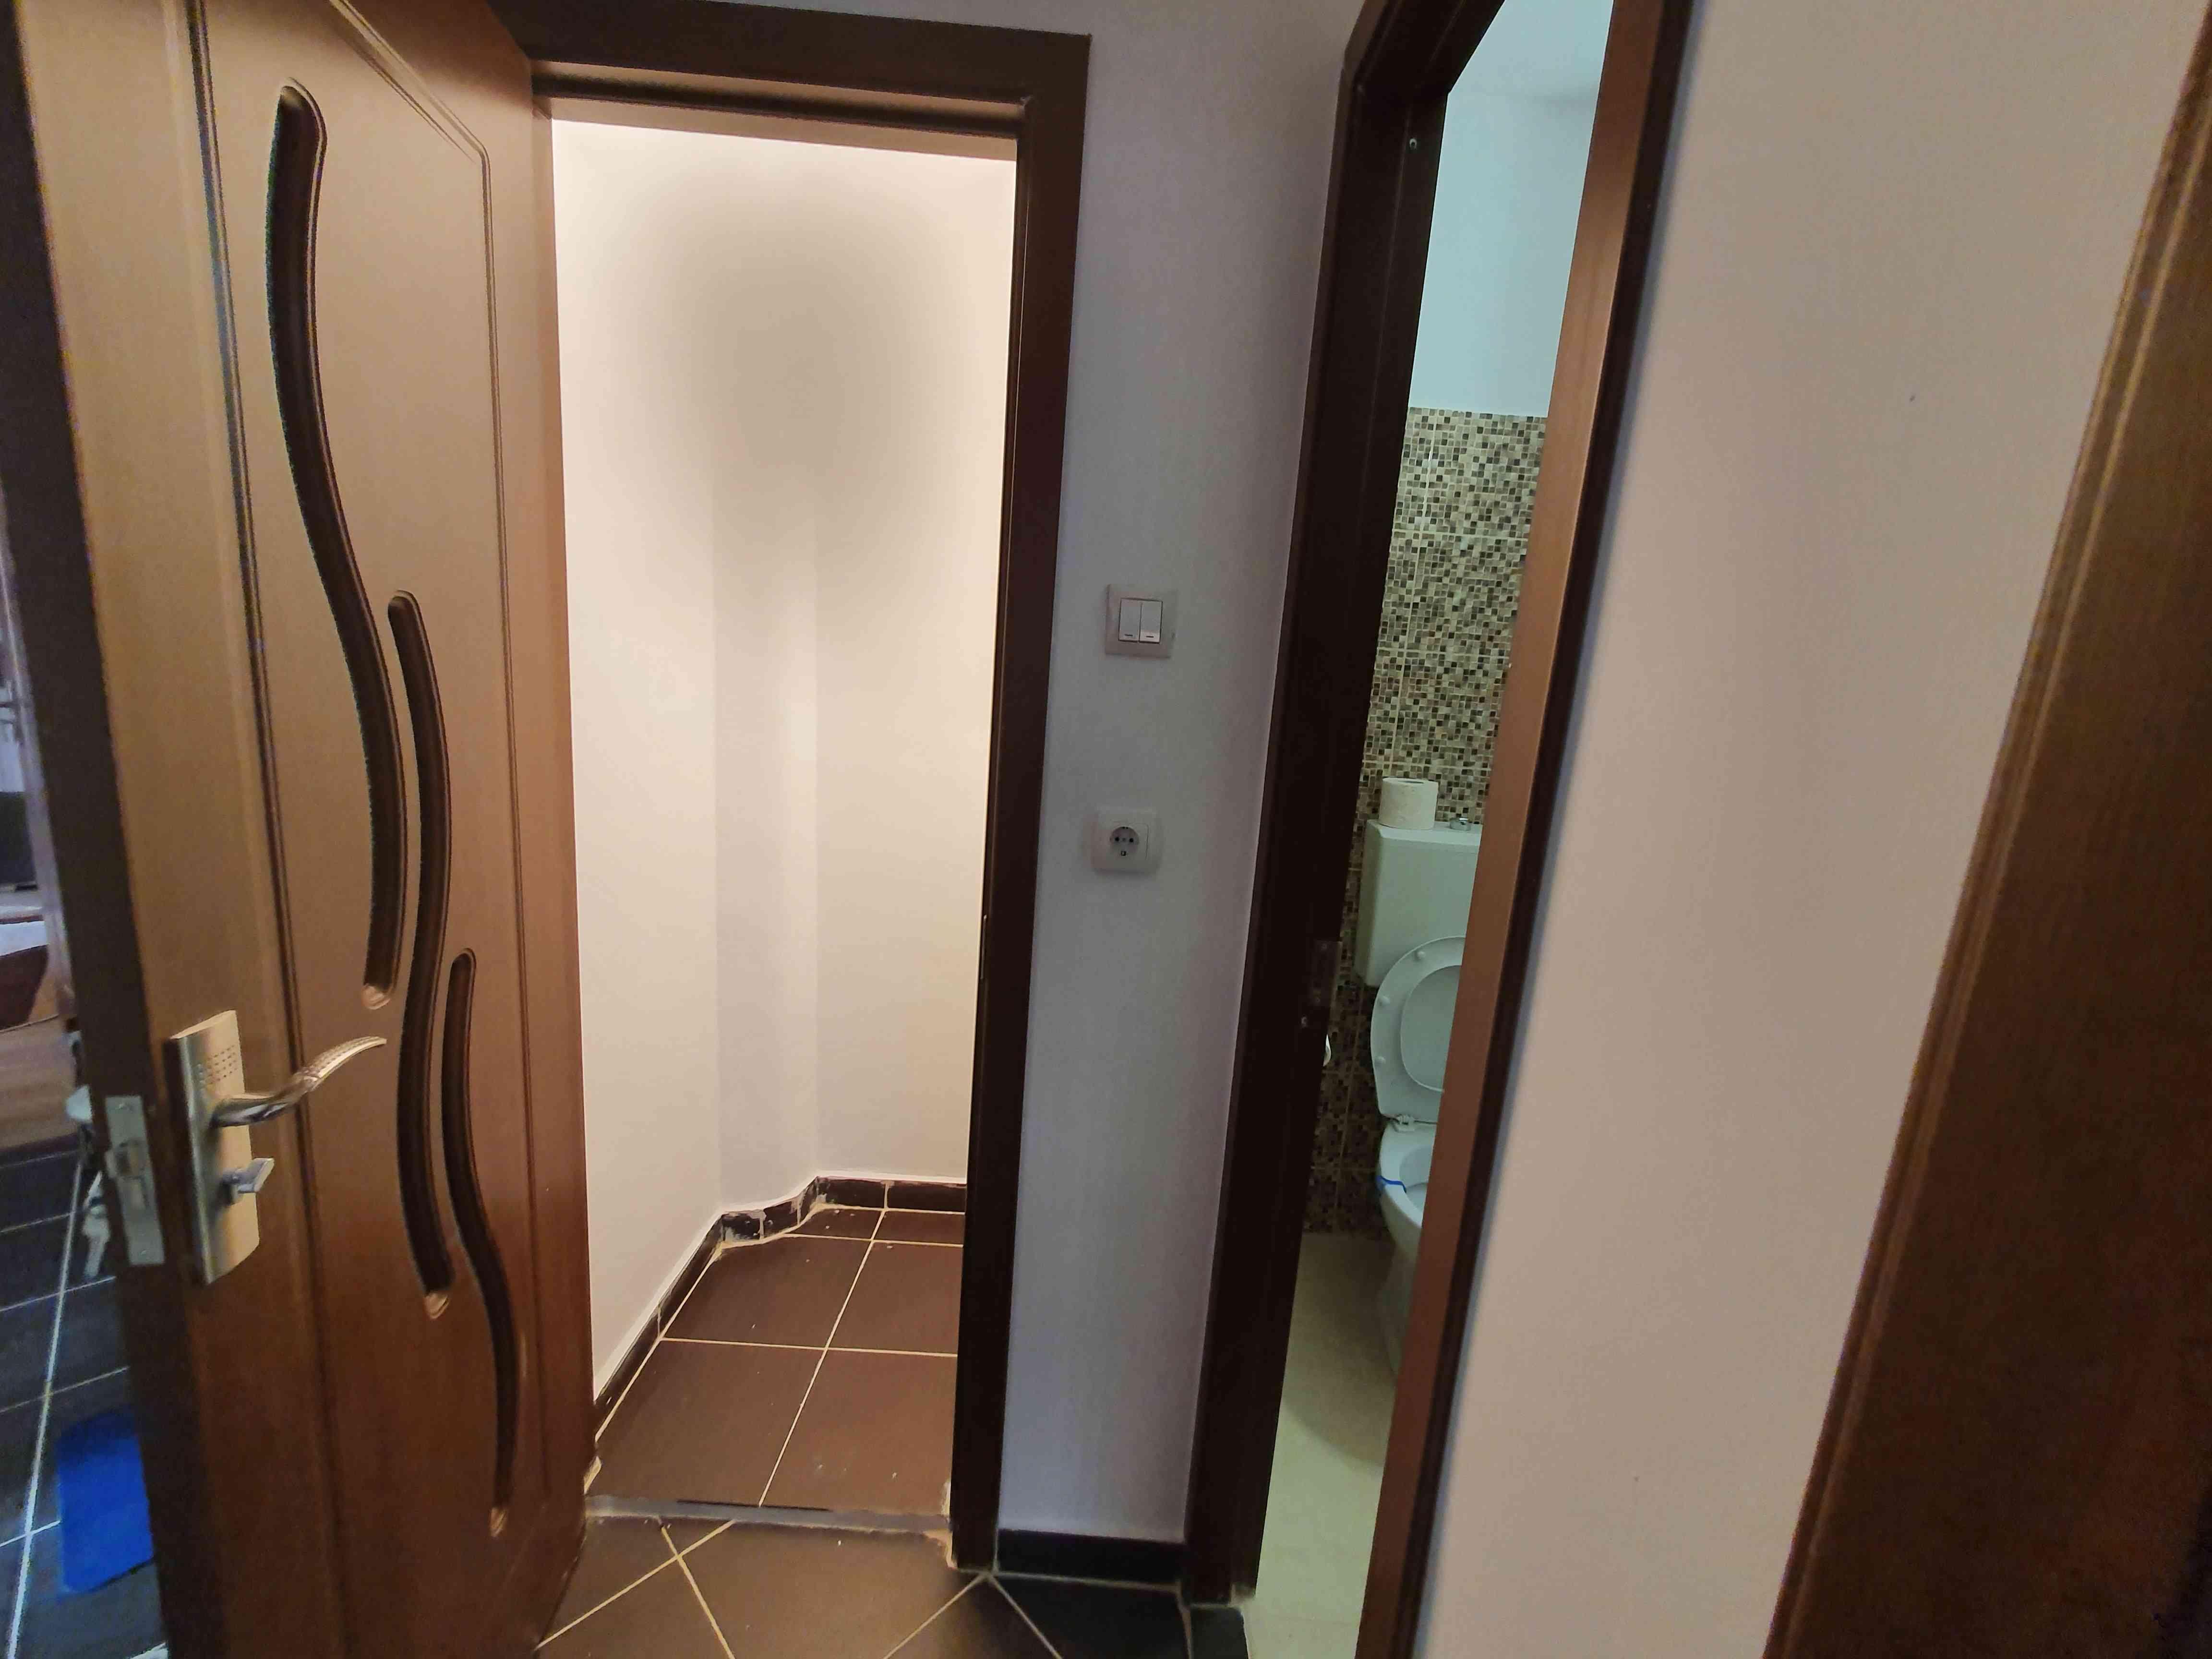 Chirie apartament cu 2 camere zona Tractorul